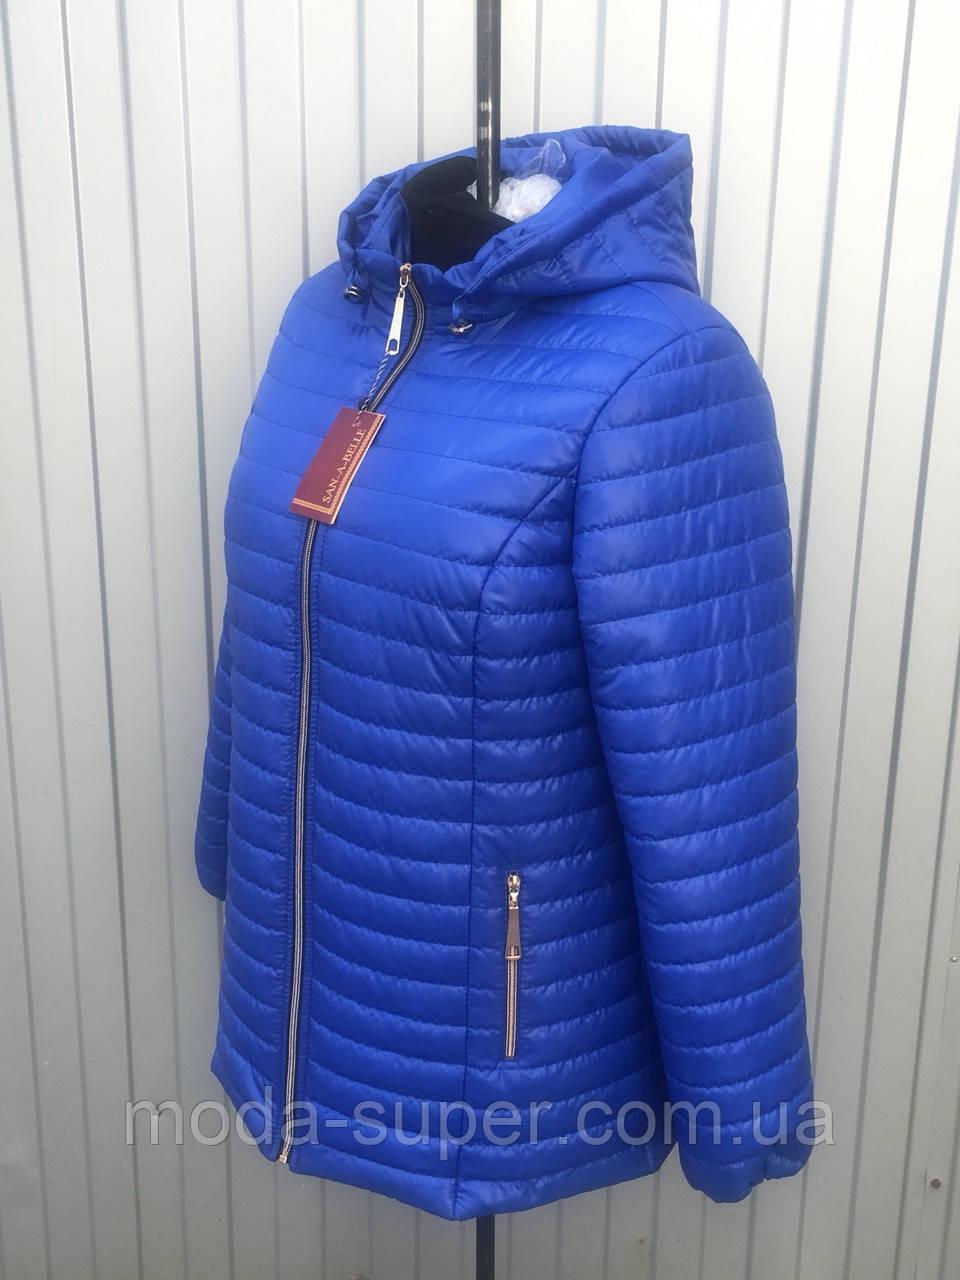 Женская куртка стеганная размеры от 54 до 70